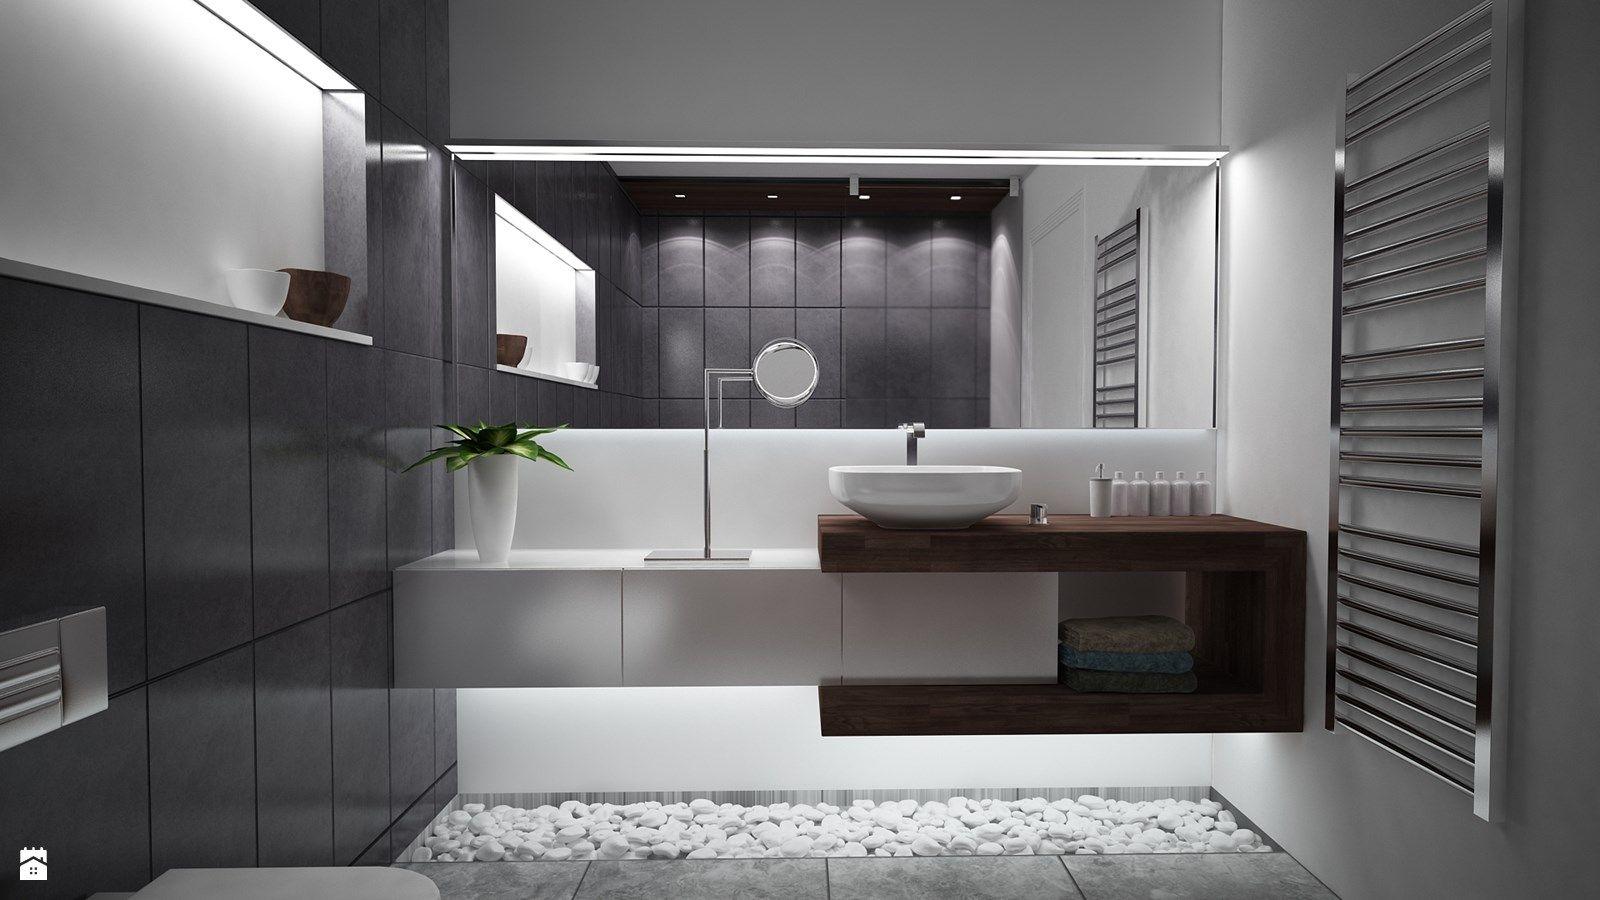 łazienka Styl Nowoczesny Zdjęcie Od Zibic łazienka